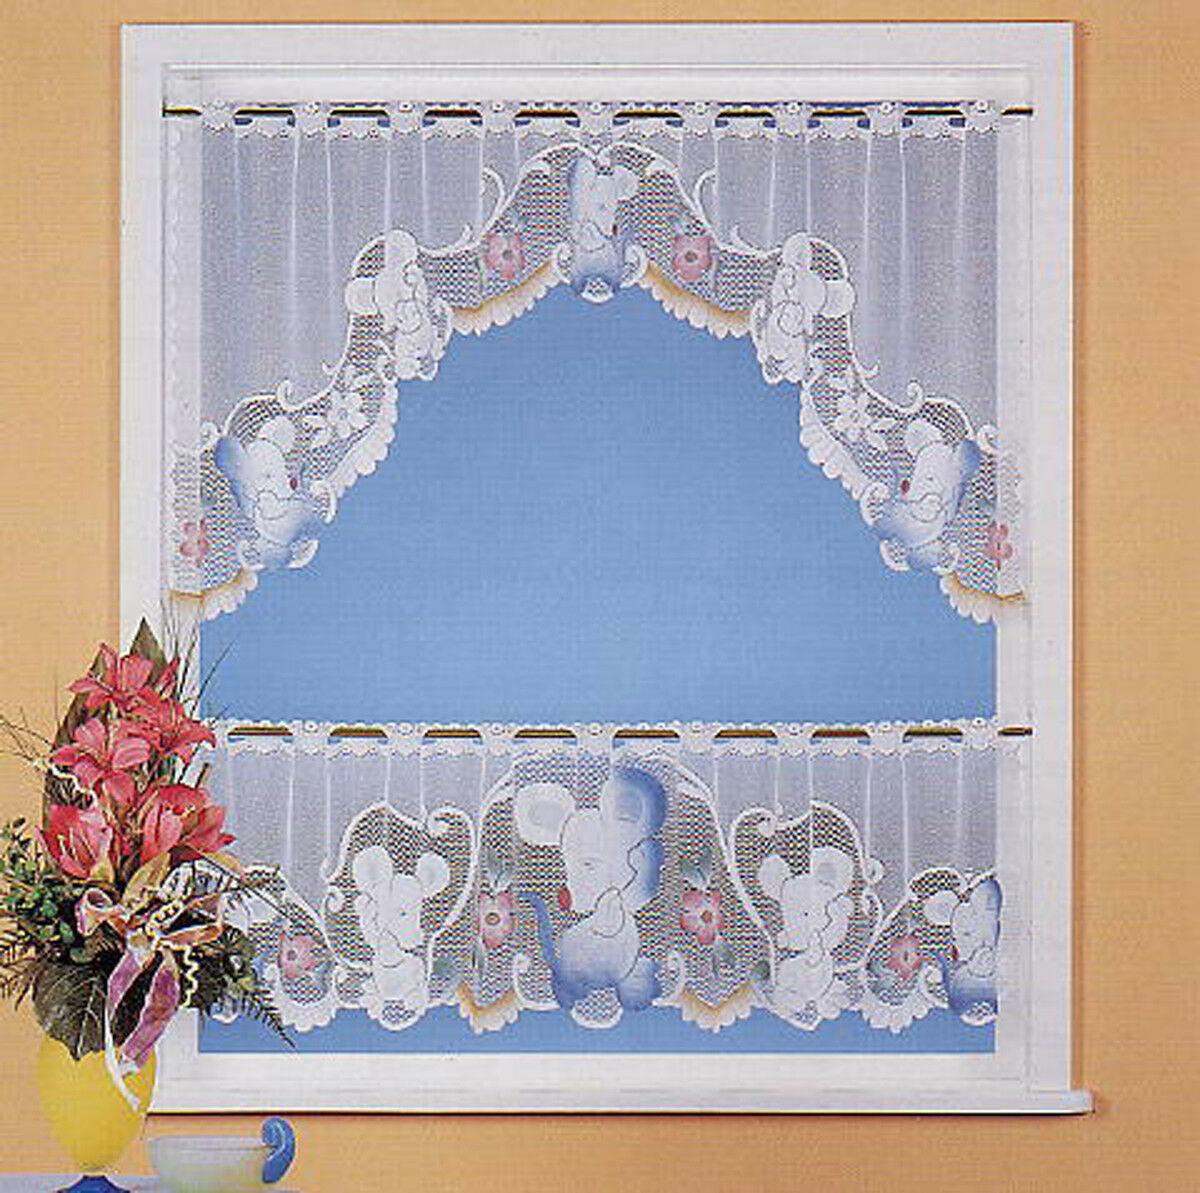 Full Size of Scheibengardine Kinderzimmer Sterne Elefant Eule Ikea Bonprix Gardinen Mehr Als 10000 Angebote Regal Scheibengardinen Küche Sofa Regale Weiß Kinderzimmer Scheibengardine Kinderzimmer